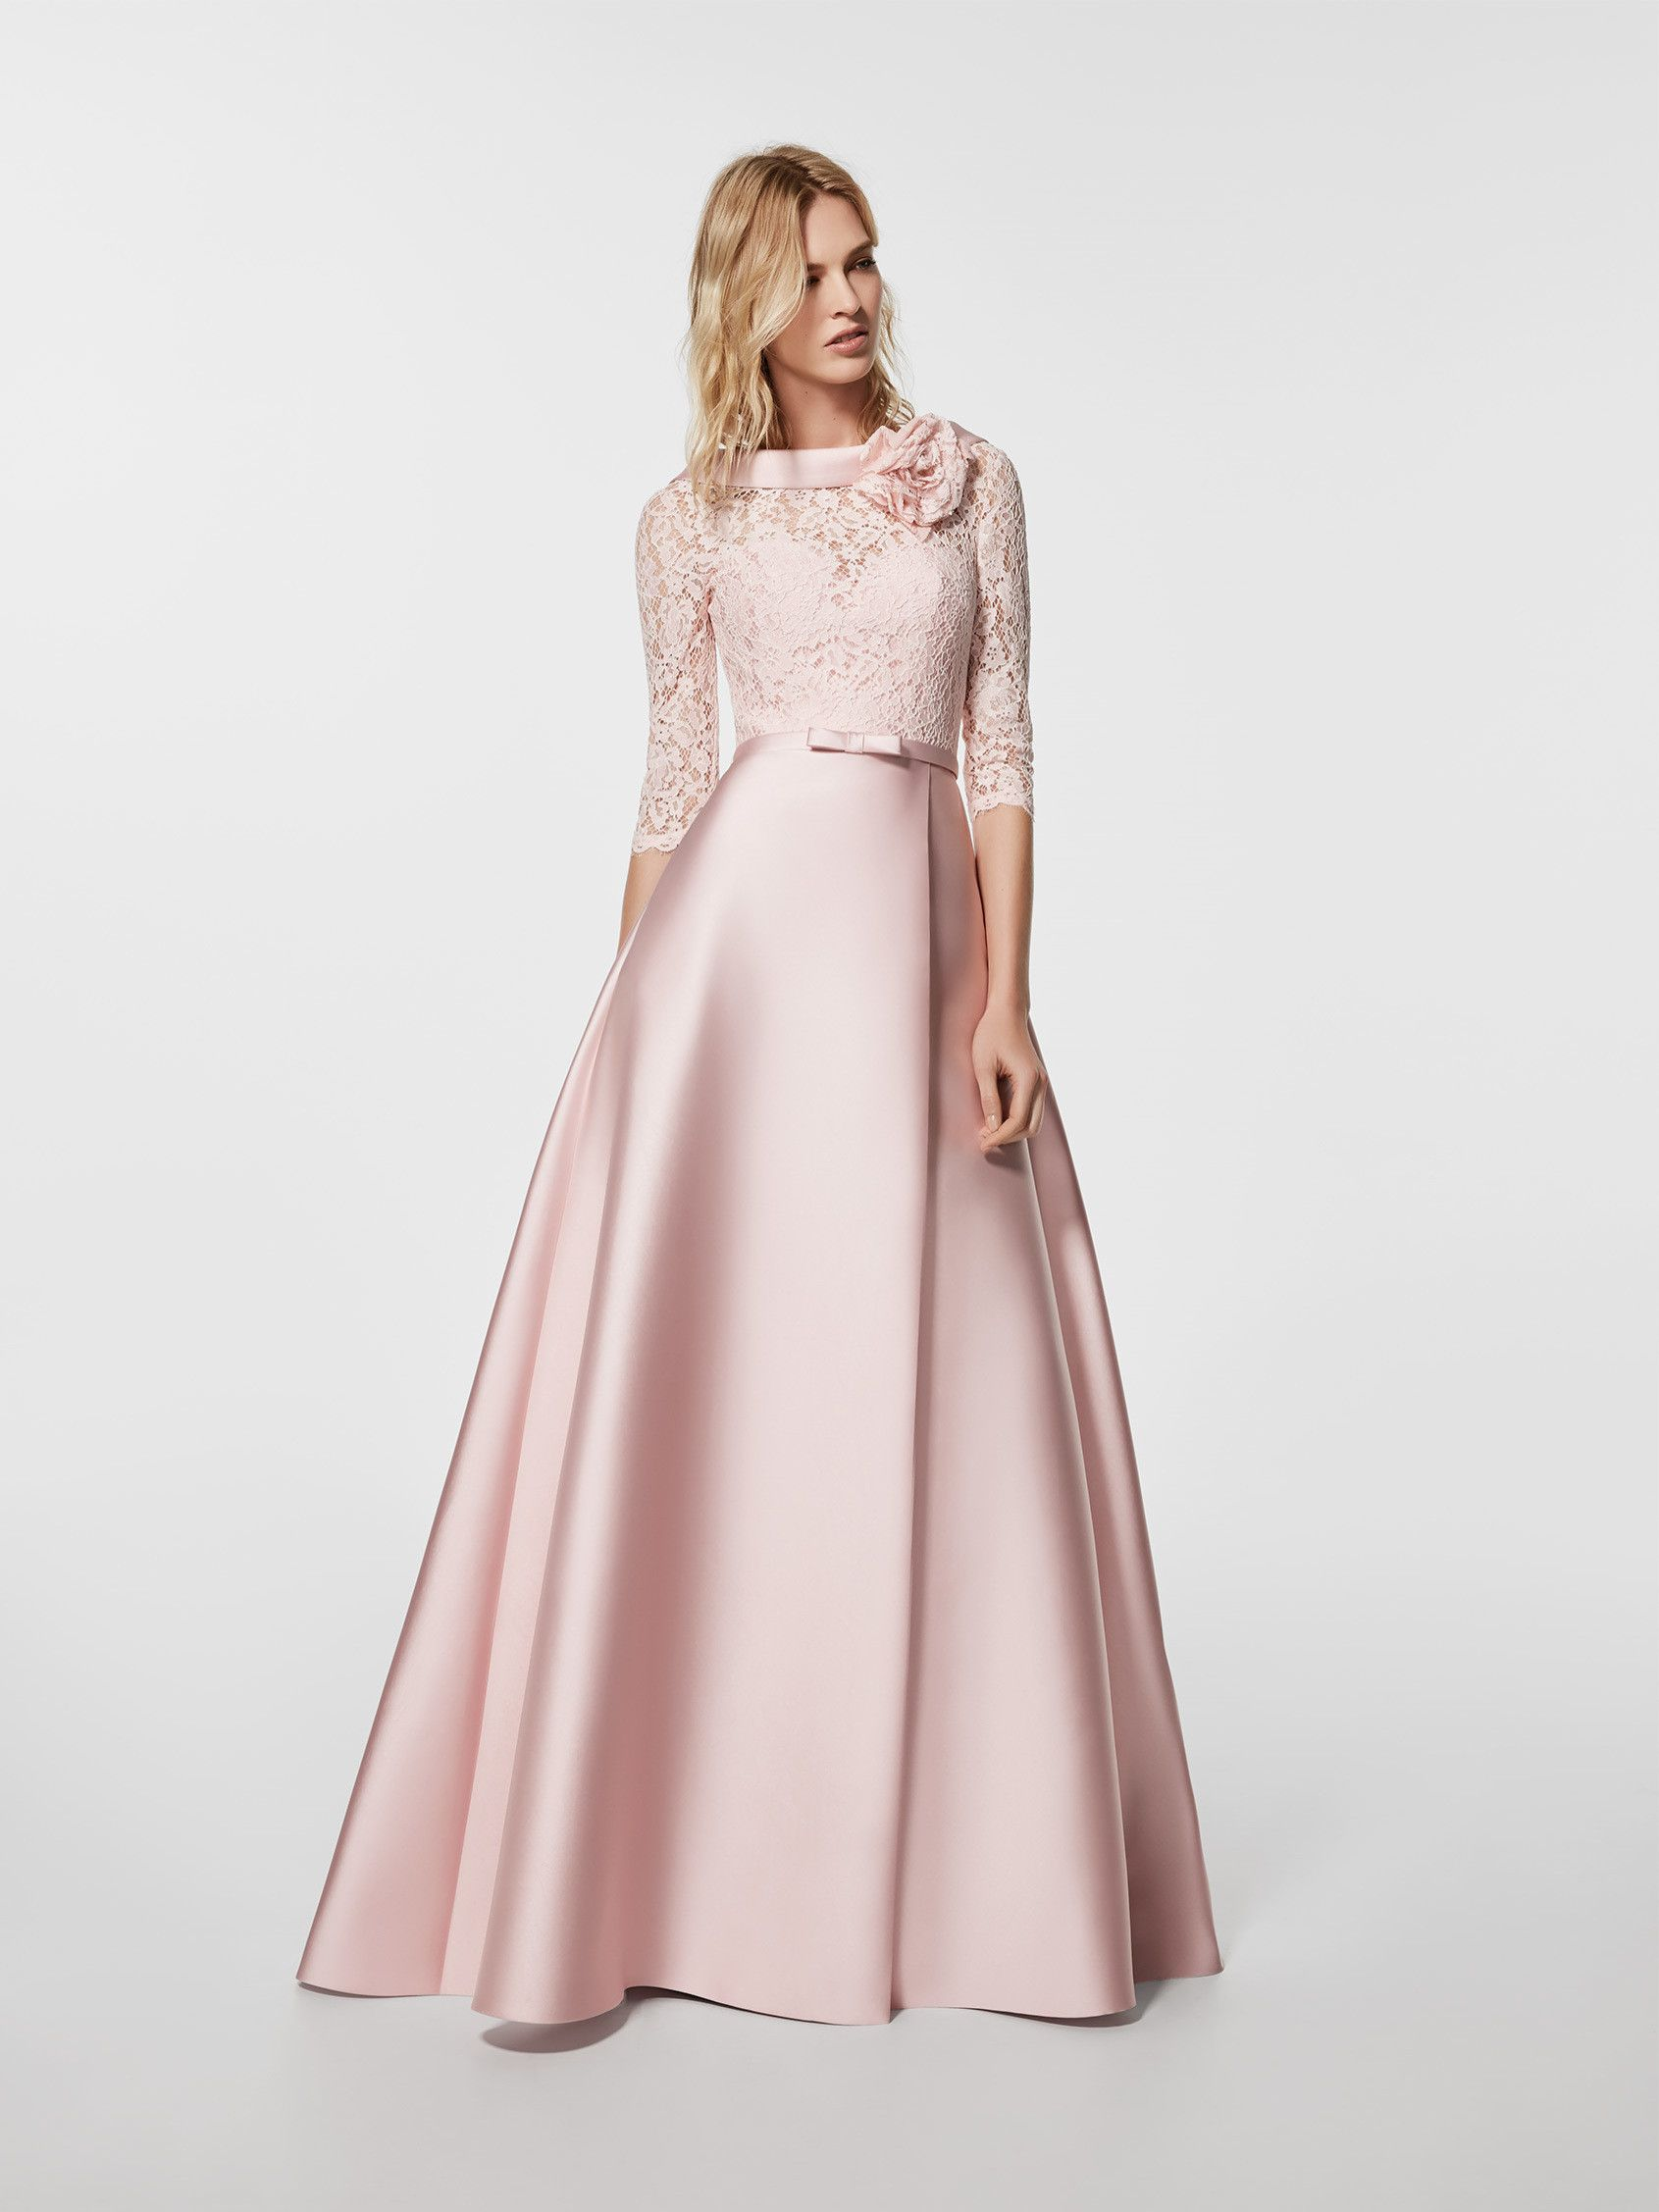 5c6e724b094 Ищете вечернее платье  Длинное бледно-розовое платье GLORYMAR с вырезом  «лодочка» впереди и V-образным вырезом сзади. Платье А-образного силуэта